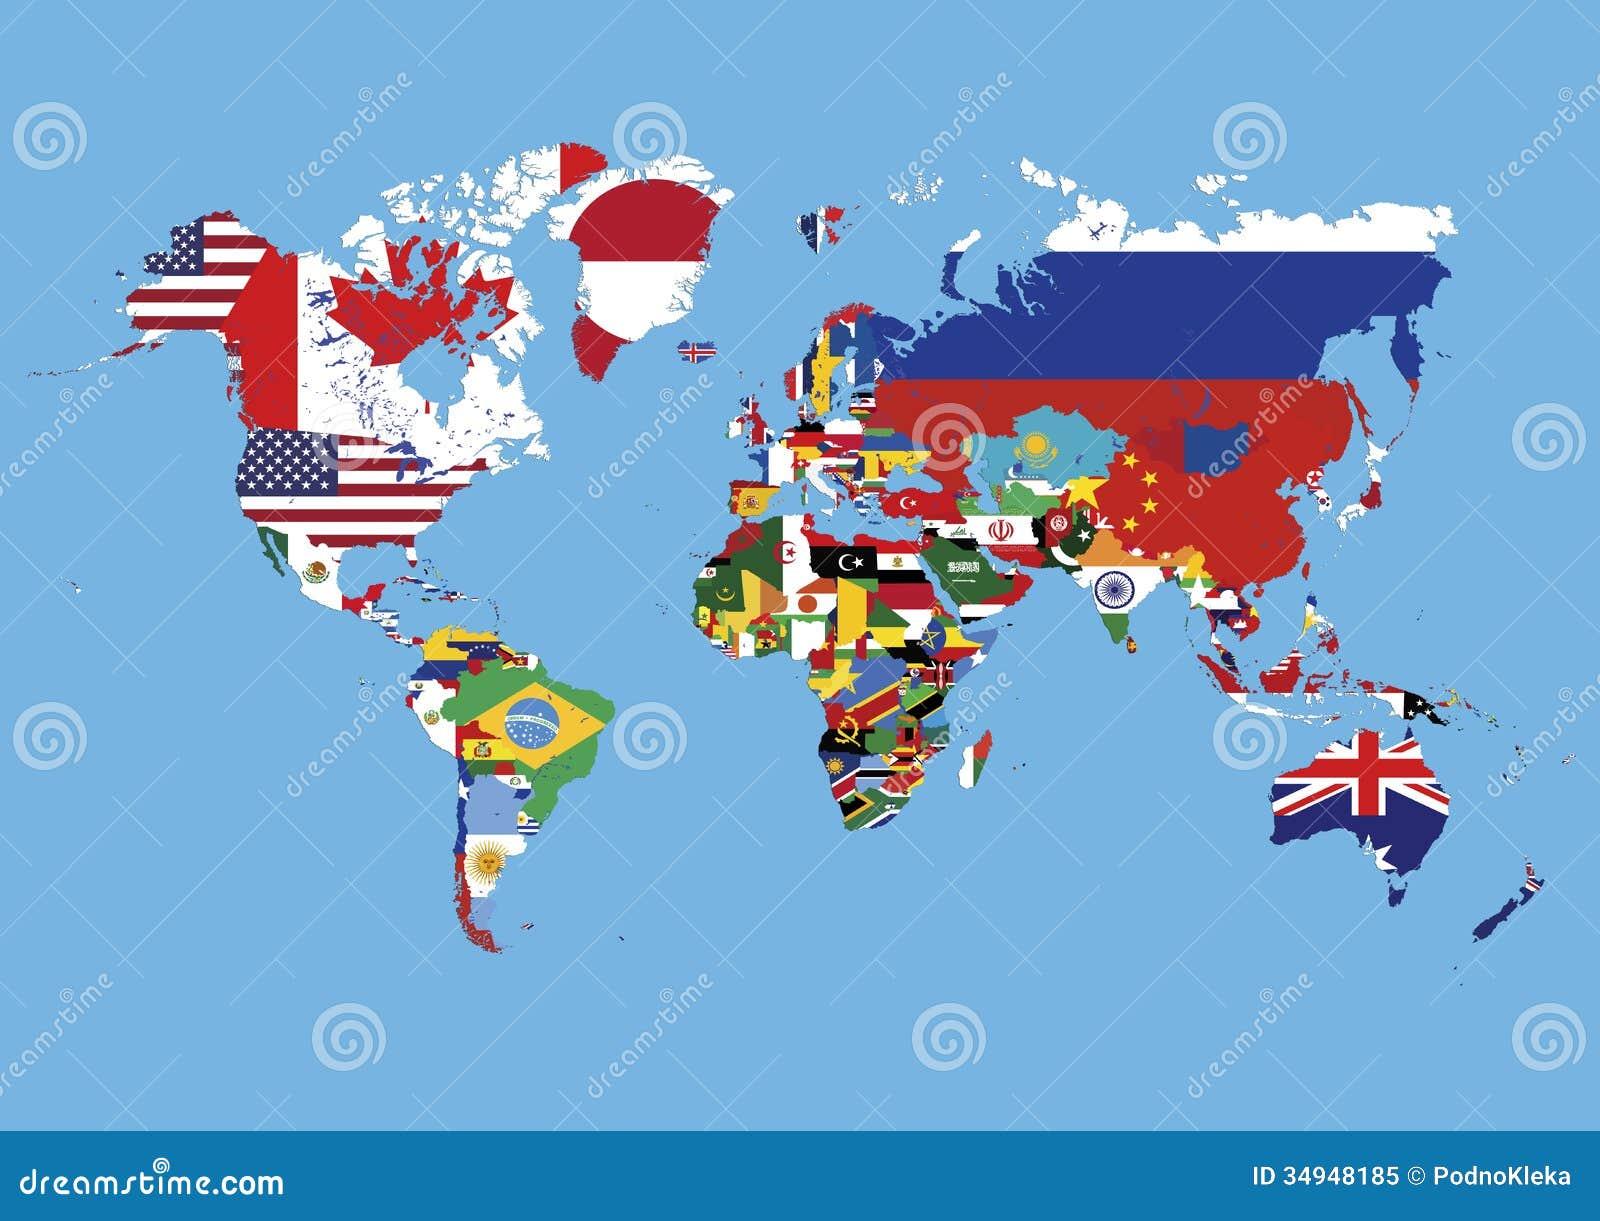 Die Weltkarte Die In Den Landern Gefarbt Wird Kennzeichnet Keine